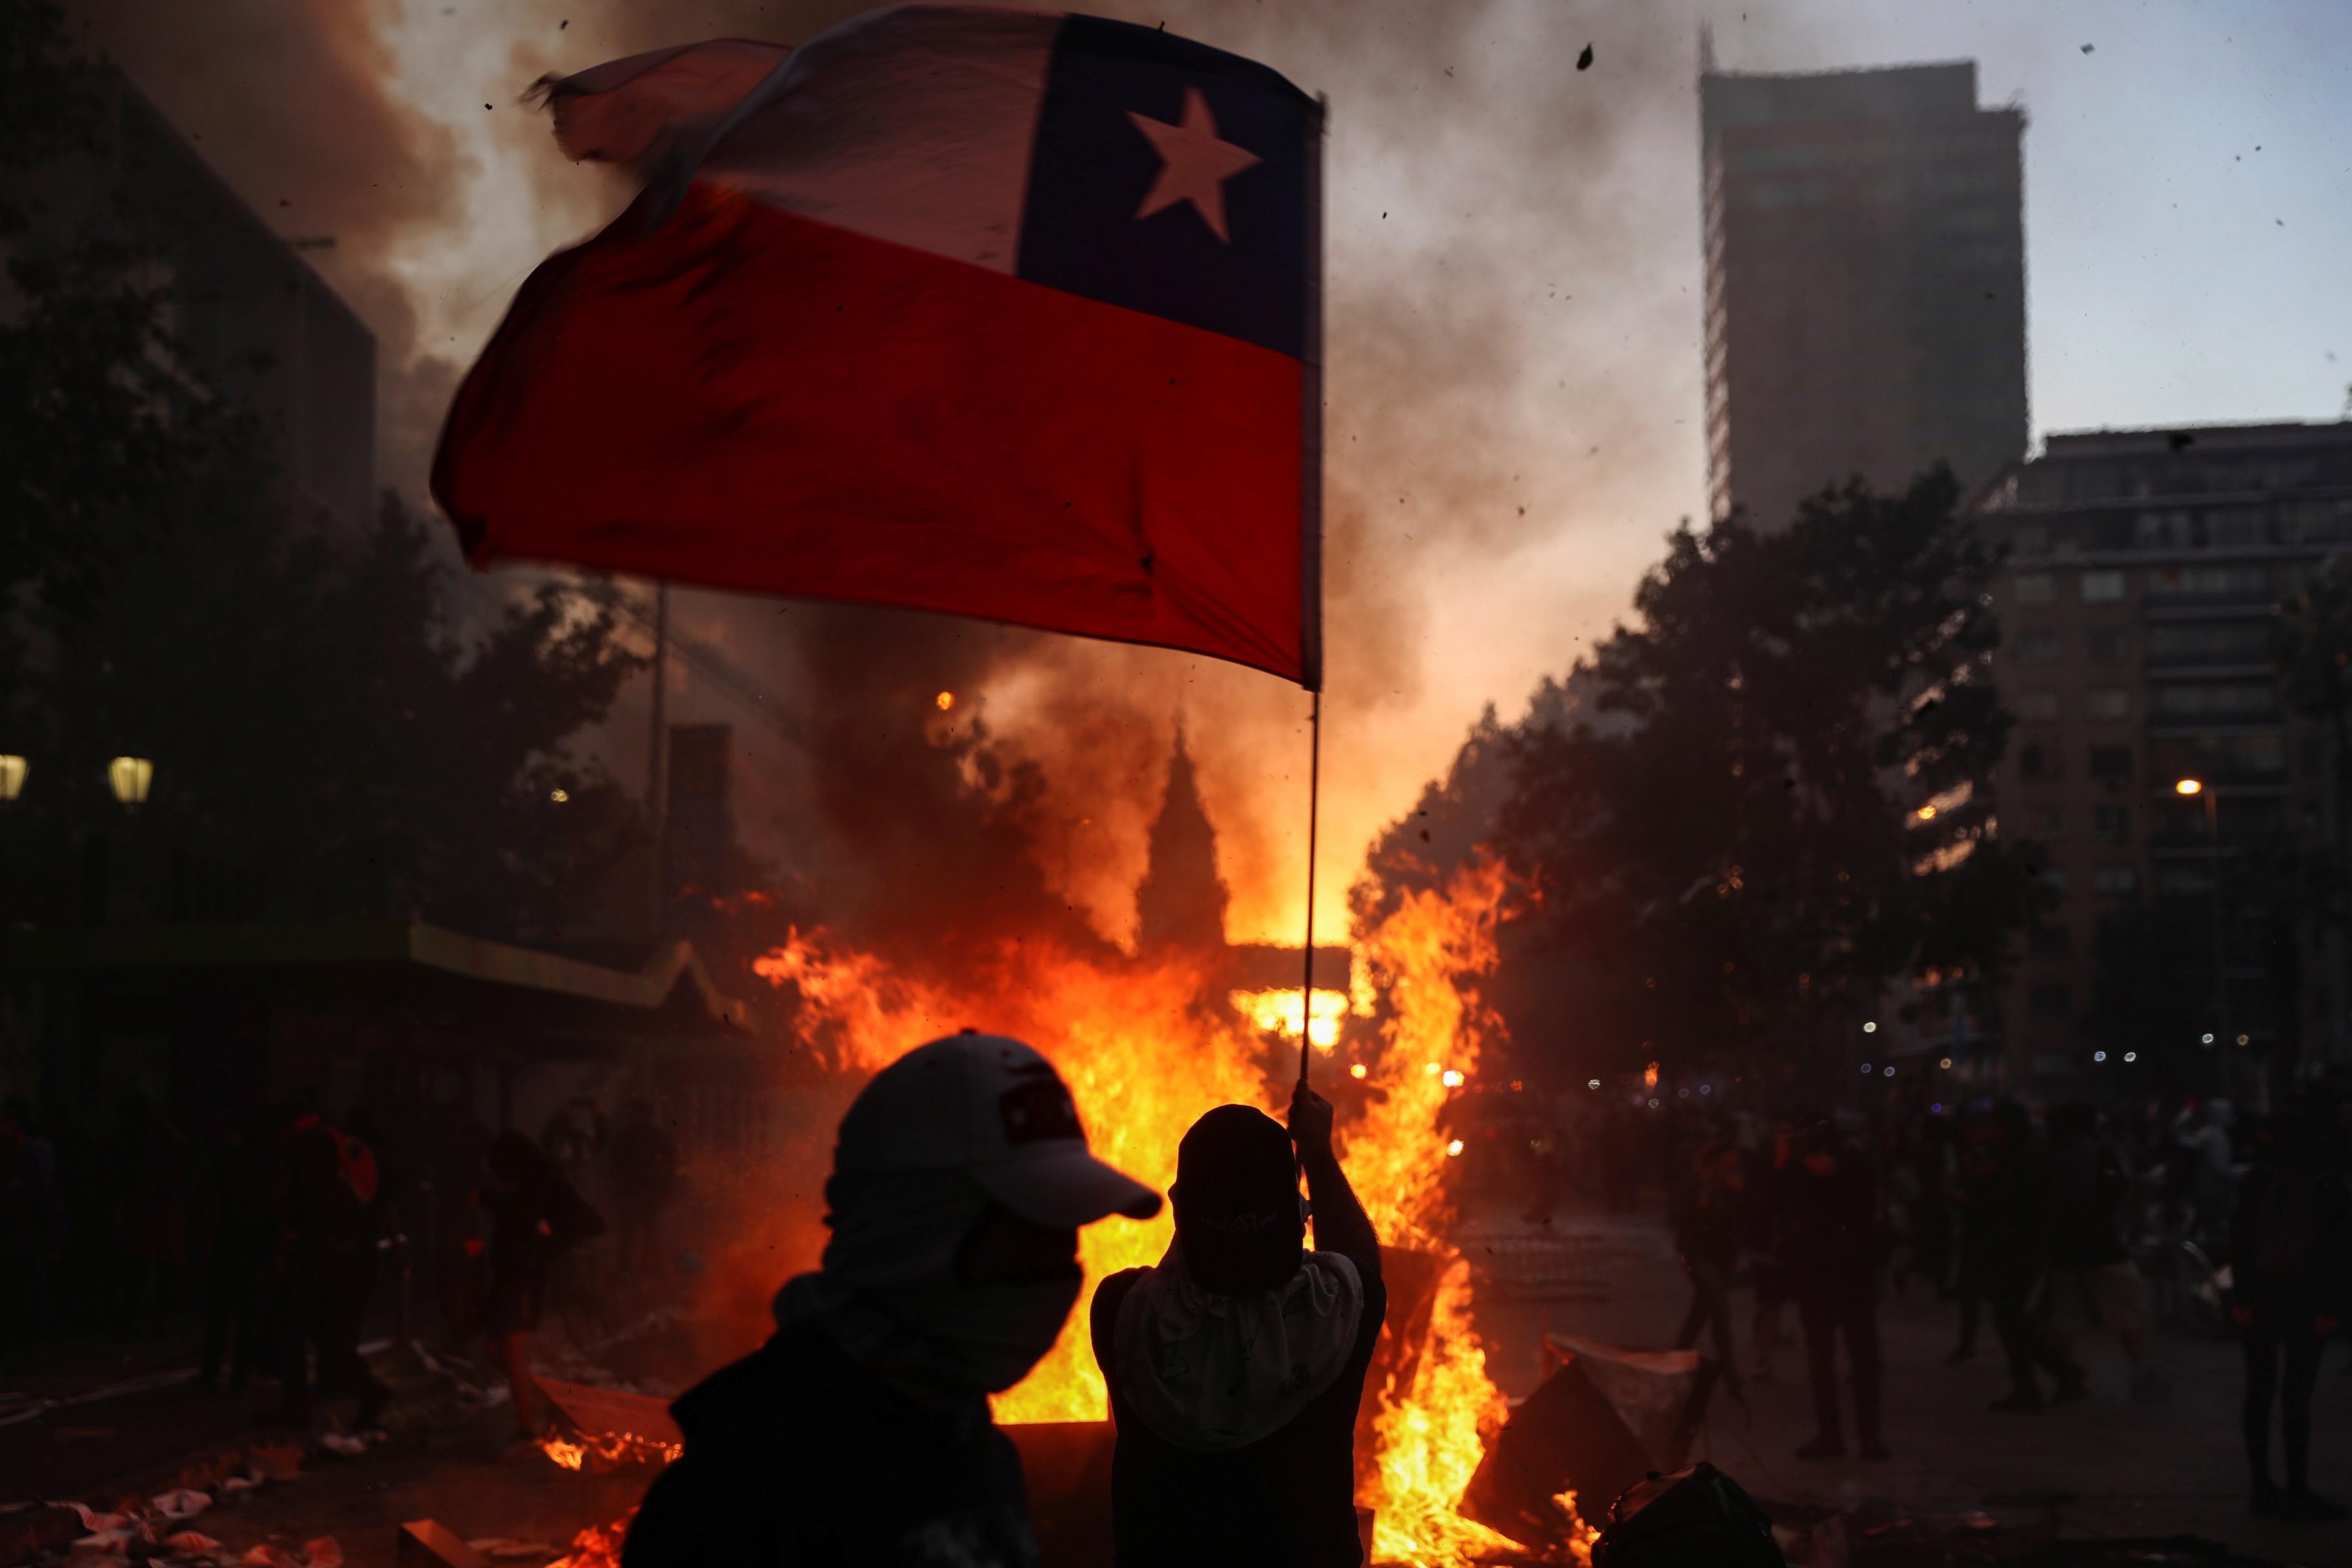 Reservas de hotéis caem pela metade em meio a protestos em Santiago - Notícias - Plantão Diário